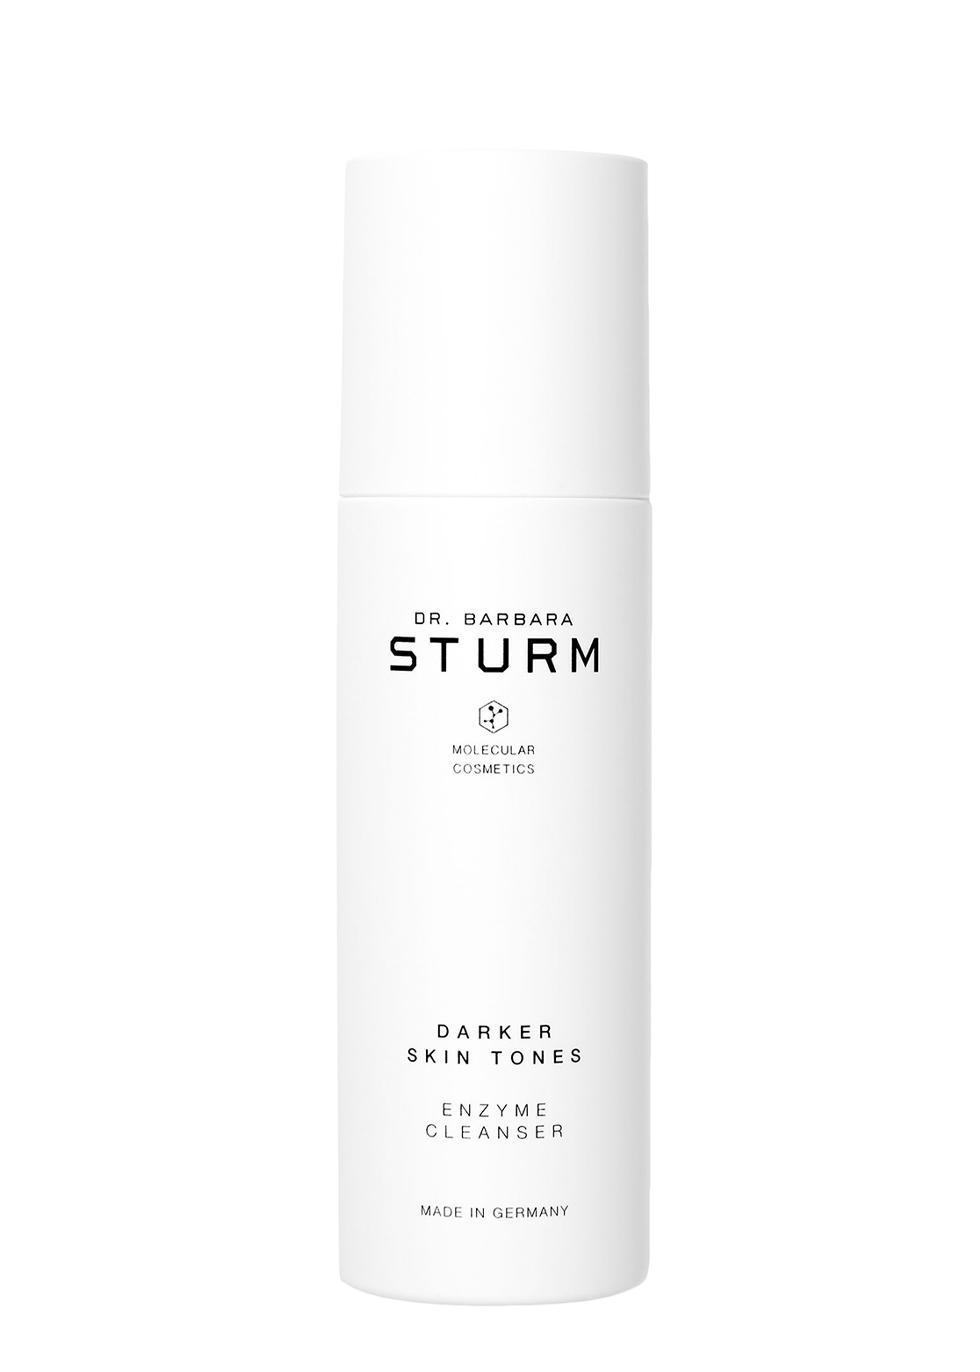 Darker Skin Tones Enzyme Cleanser 75ml